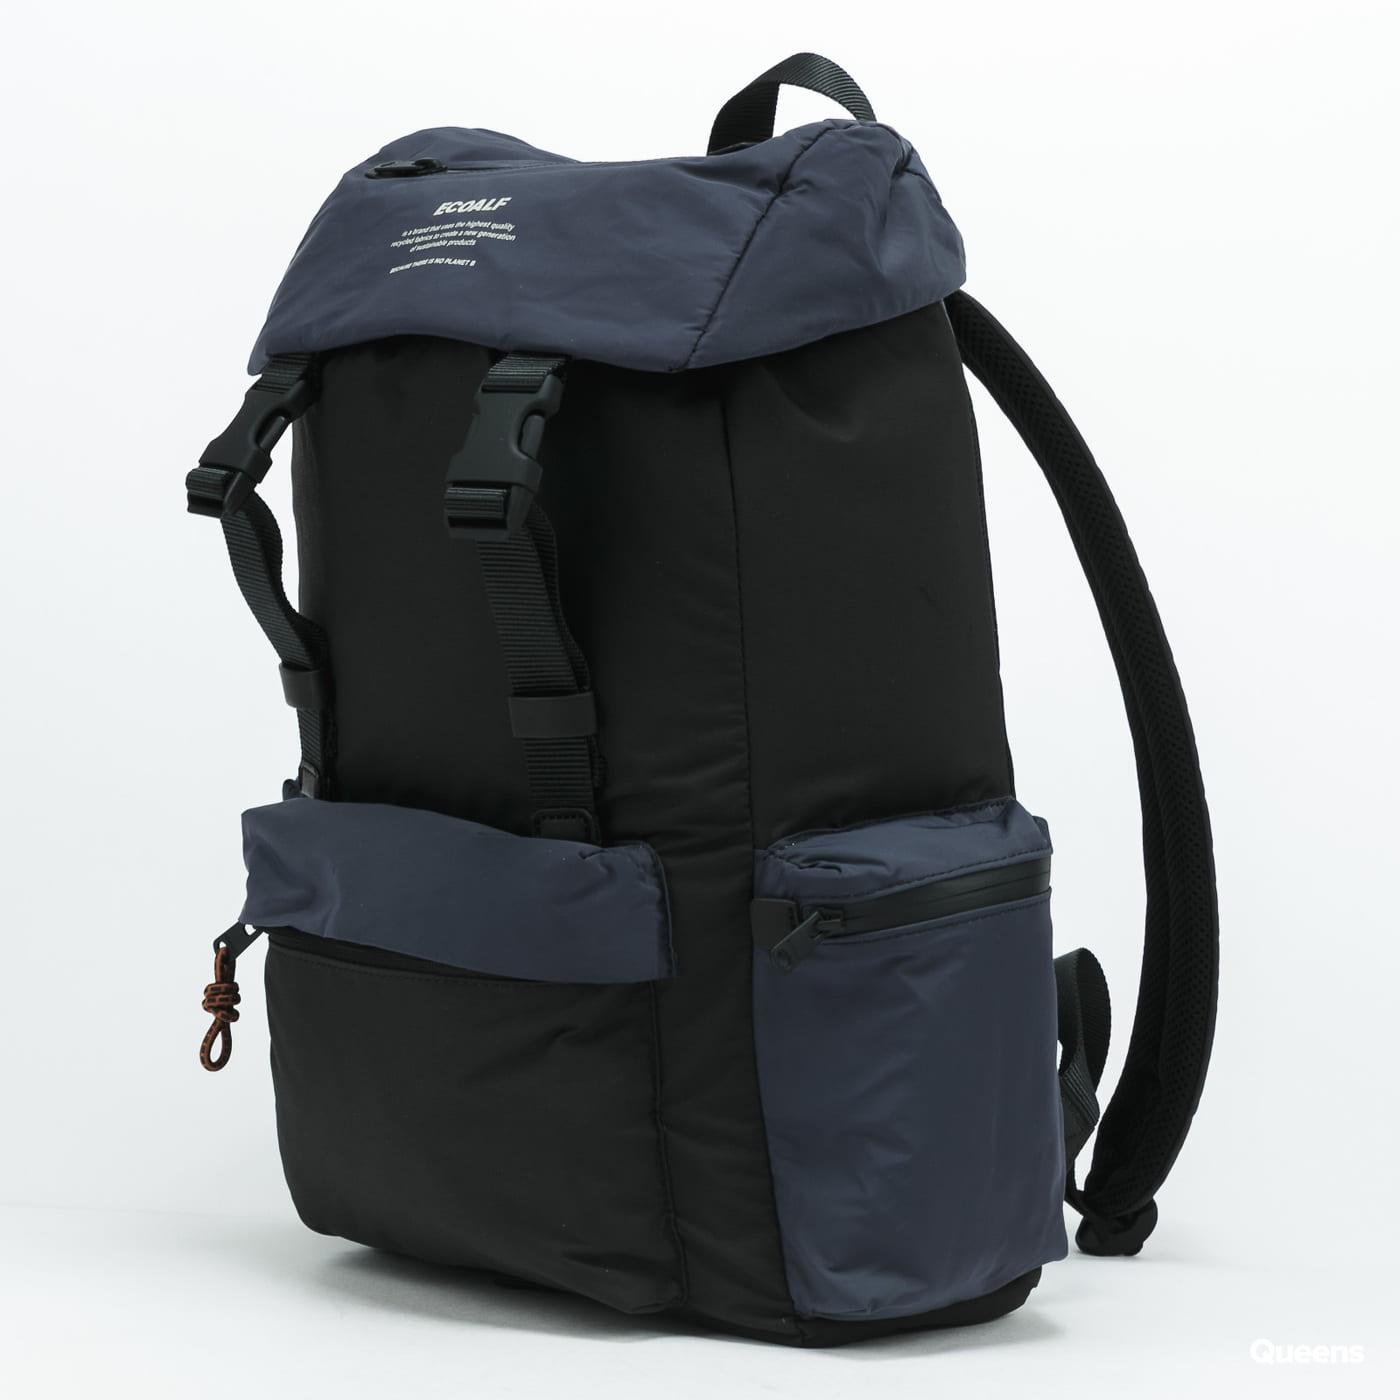 Ecoalf Wild Sherpalf Backpack černý / navy